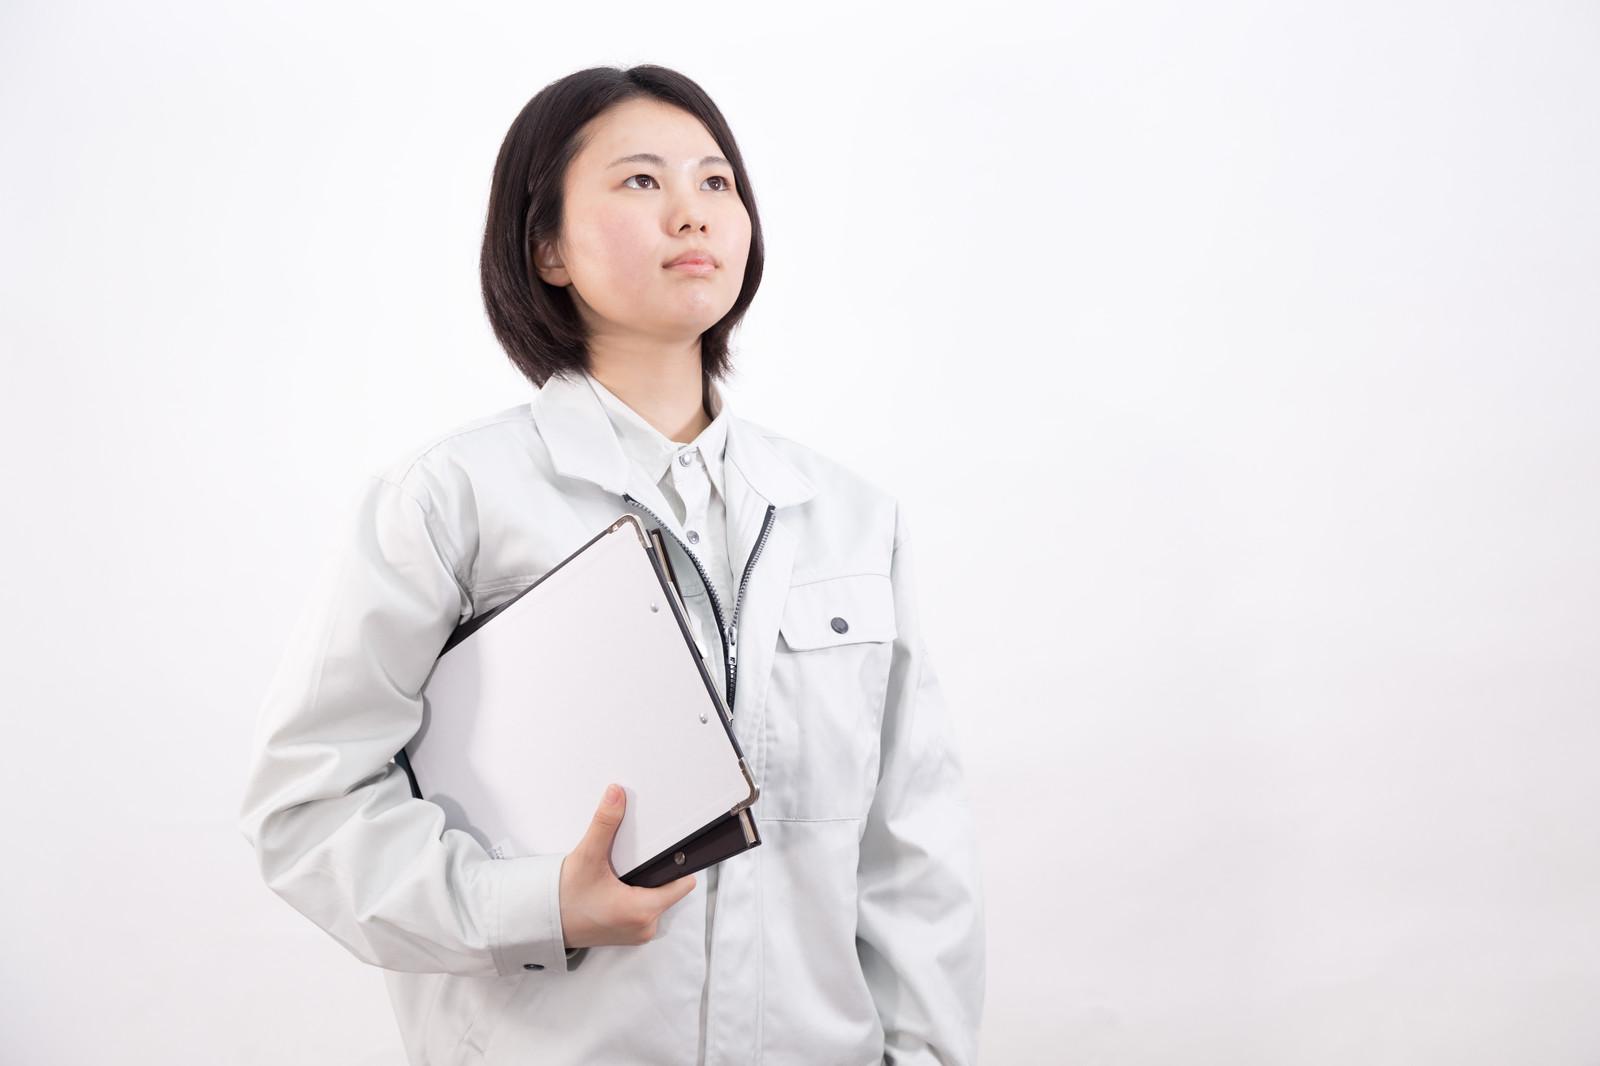 【静岡県御殿場市の求人】日勤でのお仕事!!世界に知名度があるグループ企業で、軽作業で簡単な梱包・検査のお仕事です。